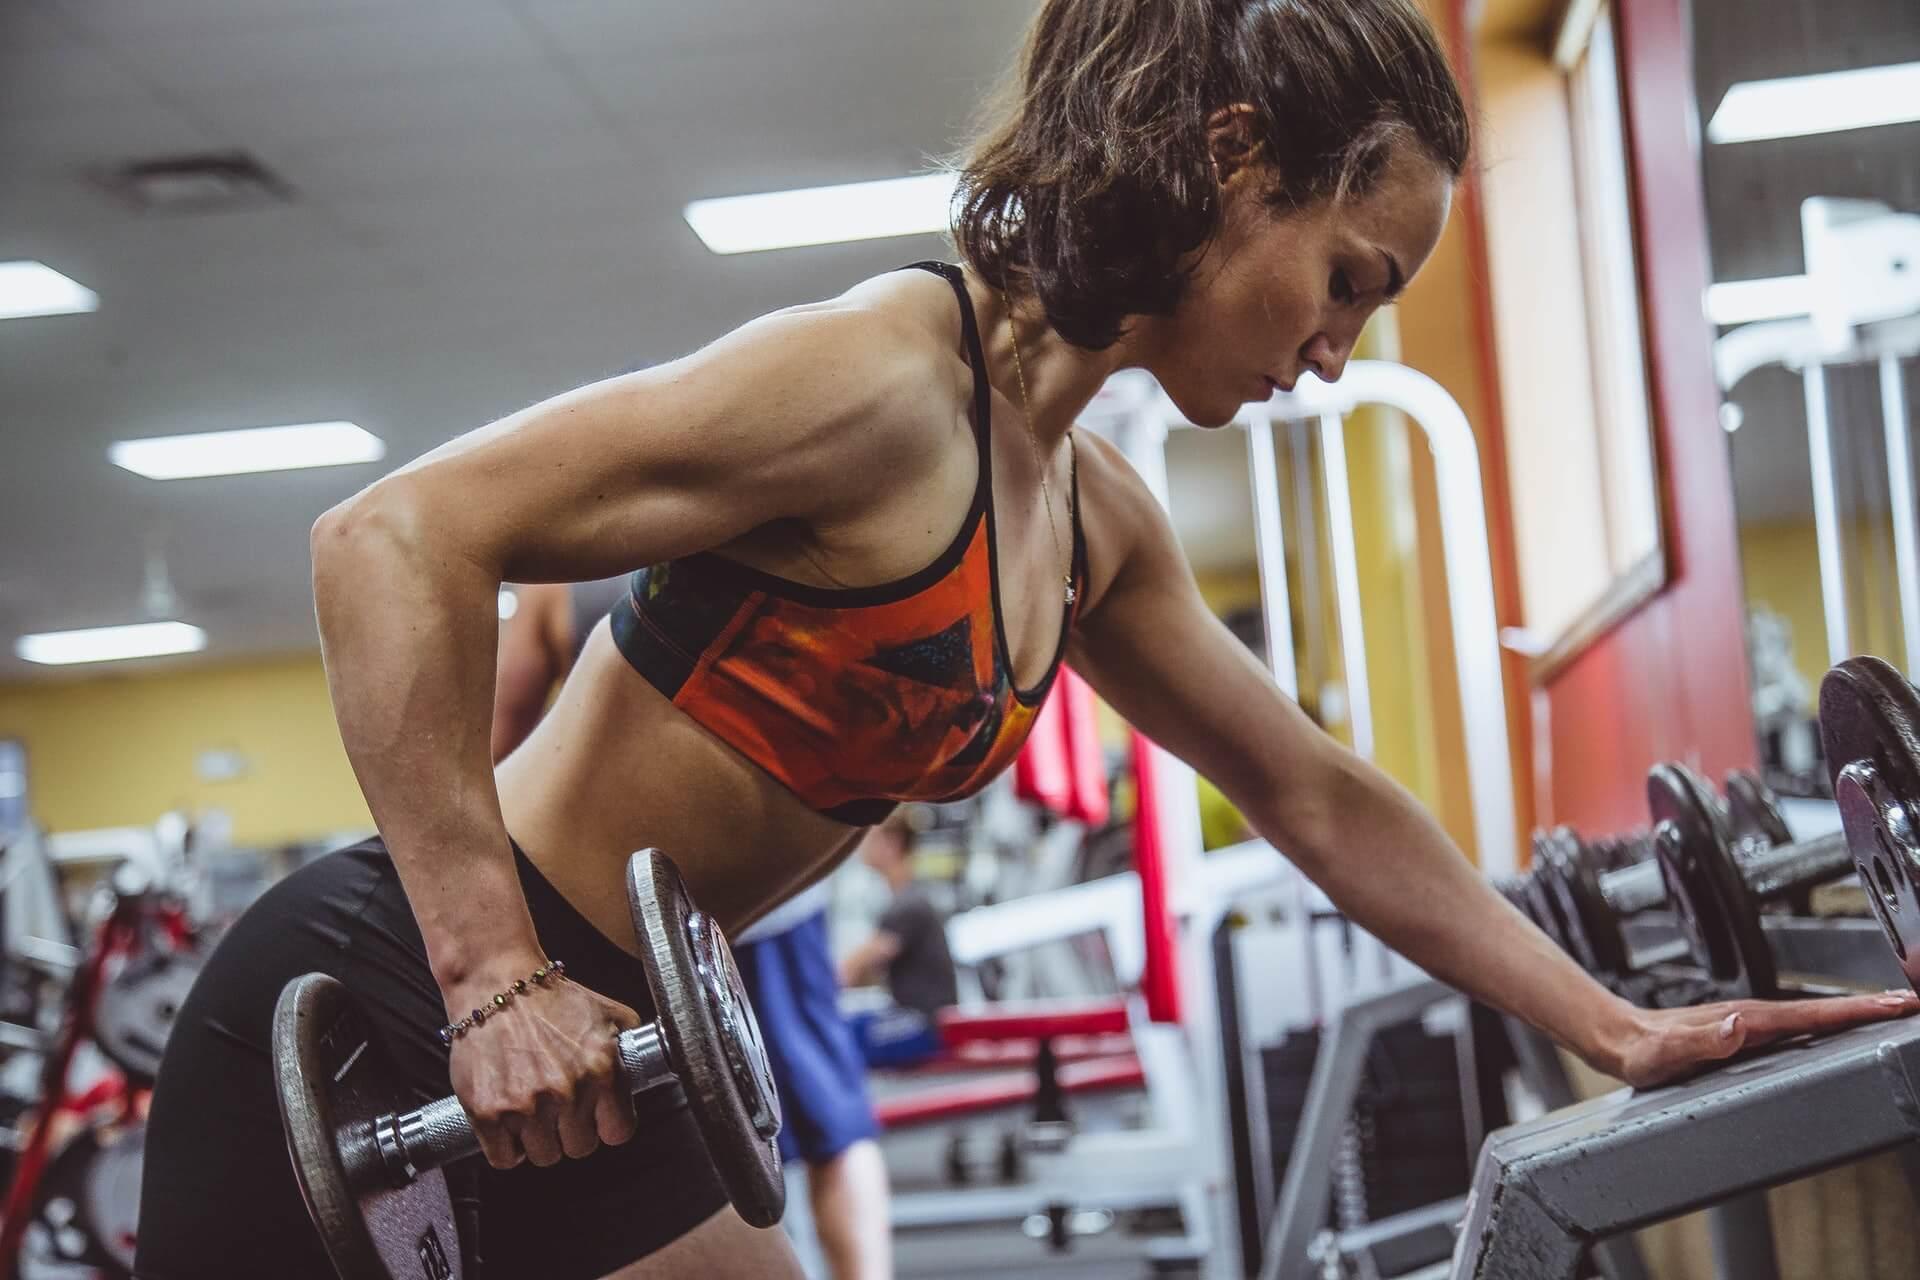 痩せるためのスポーツジム活用法